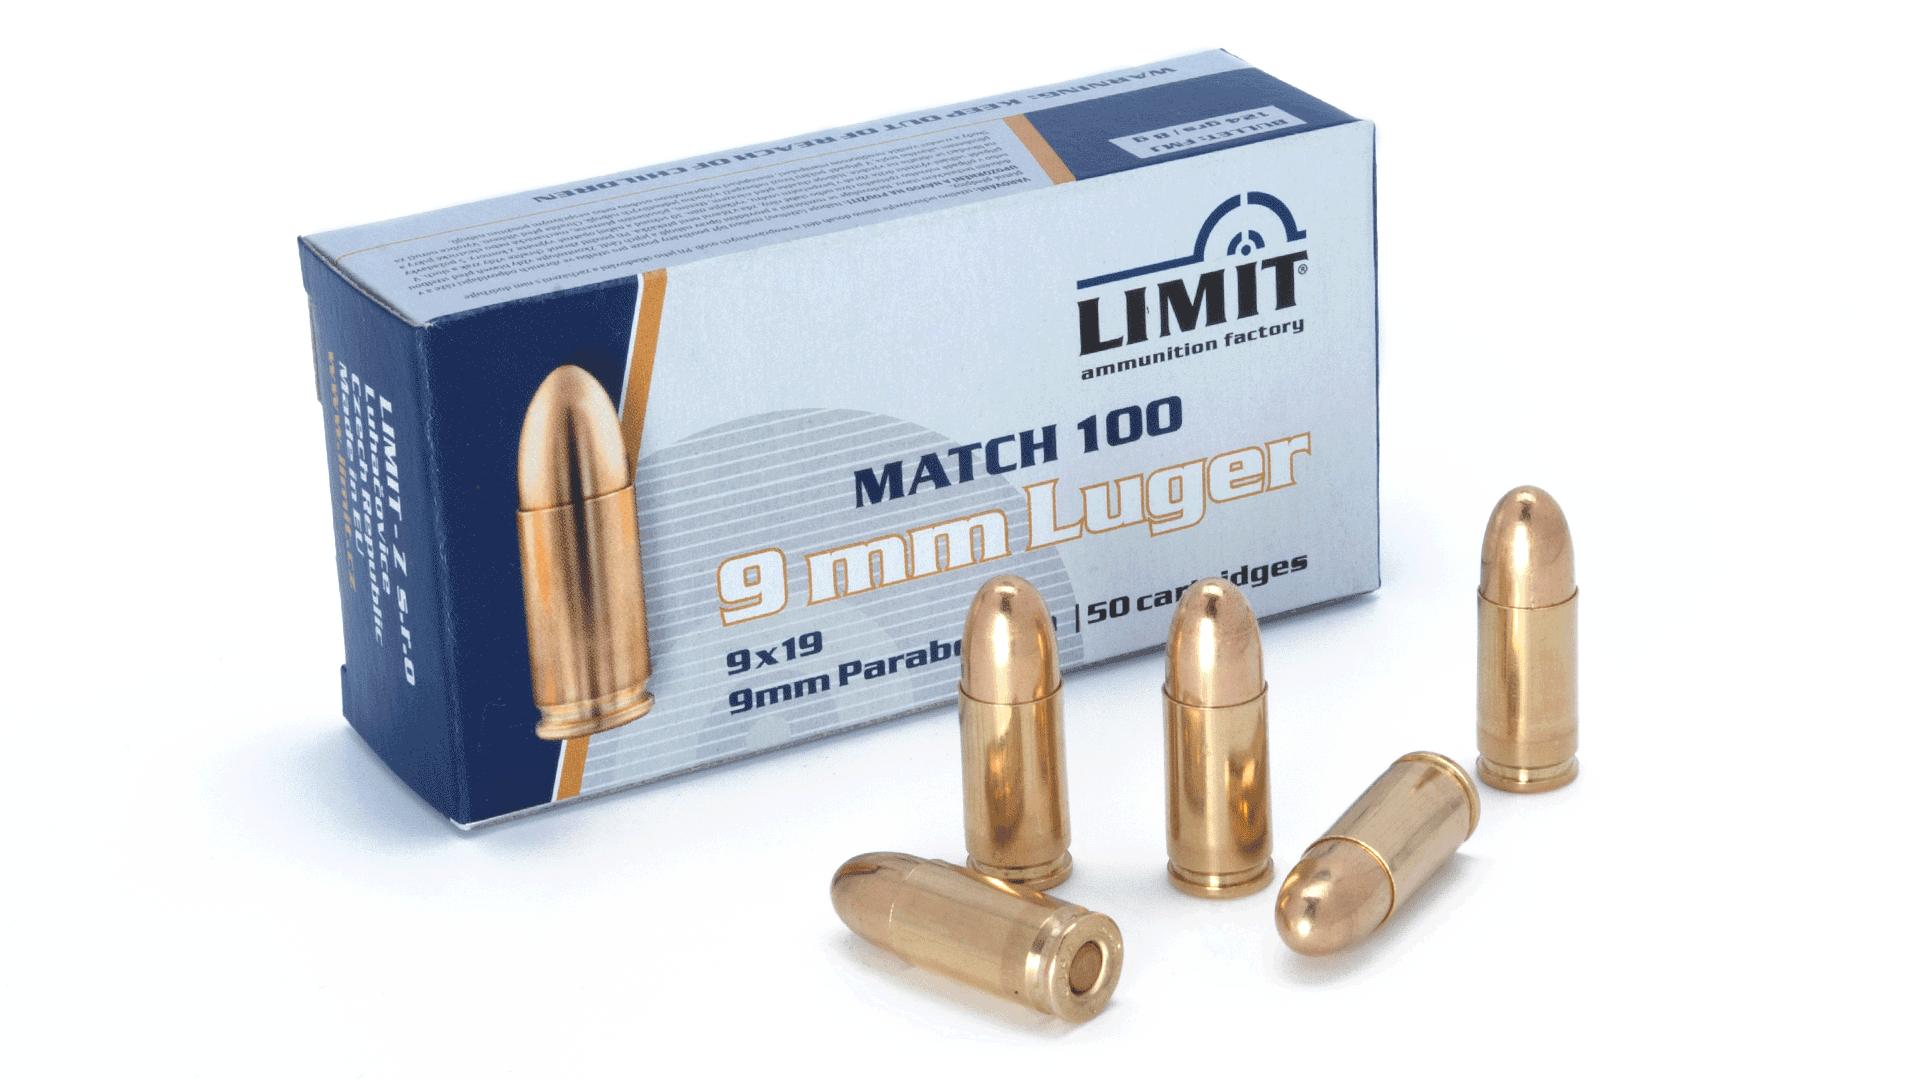 Limit-Z s.r.o. ammunition